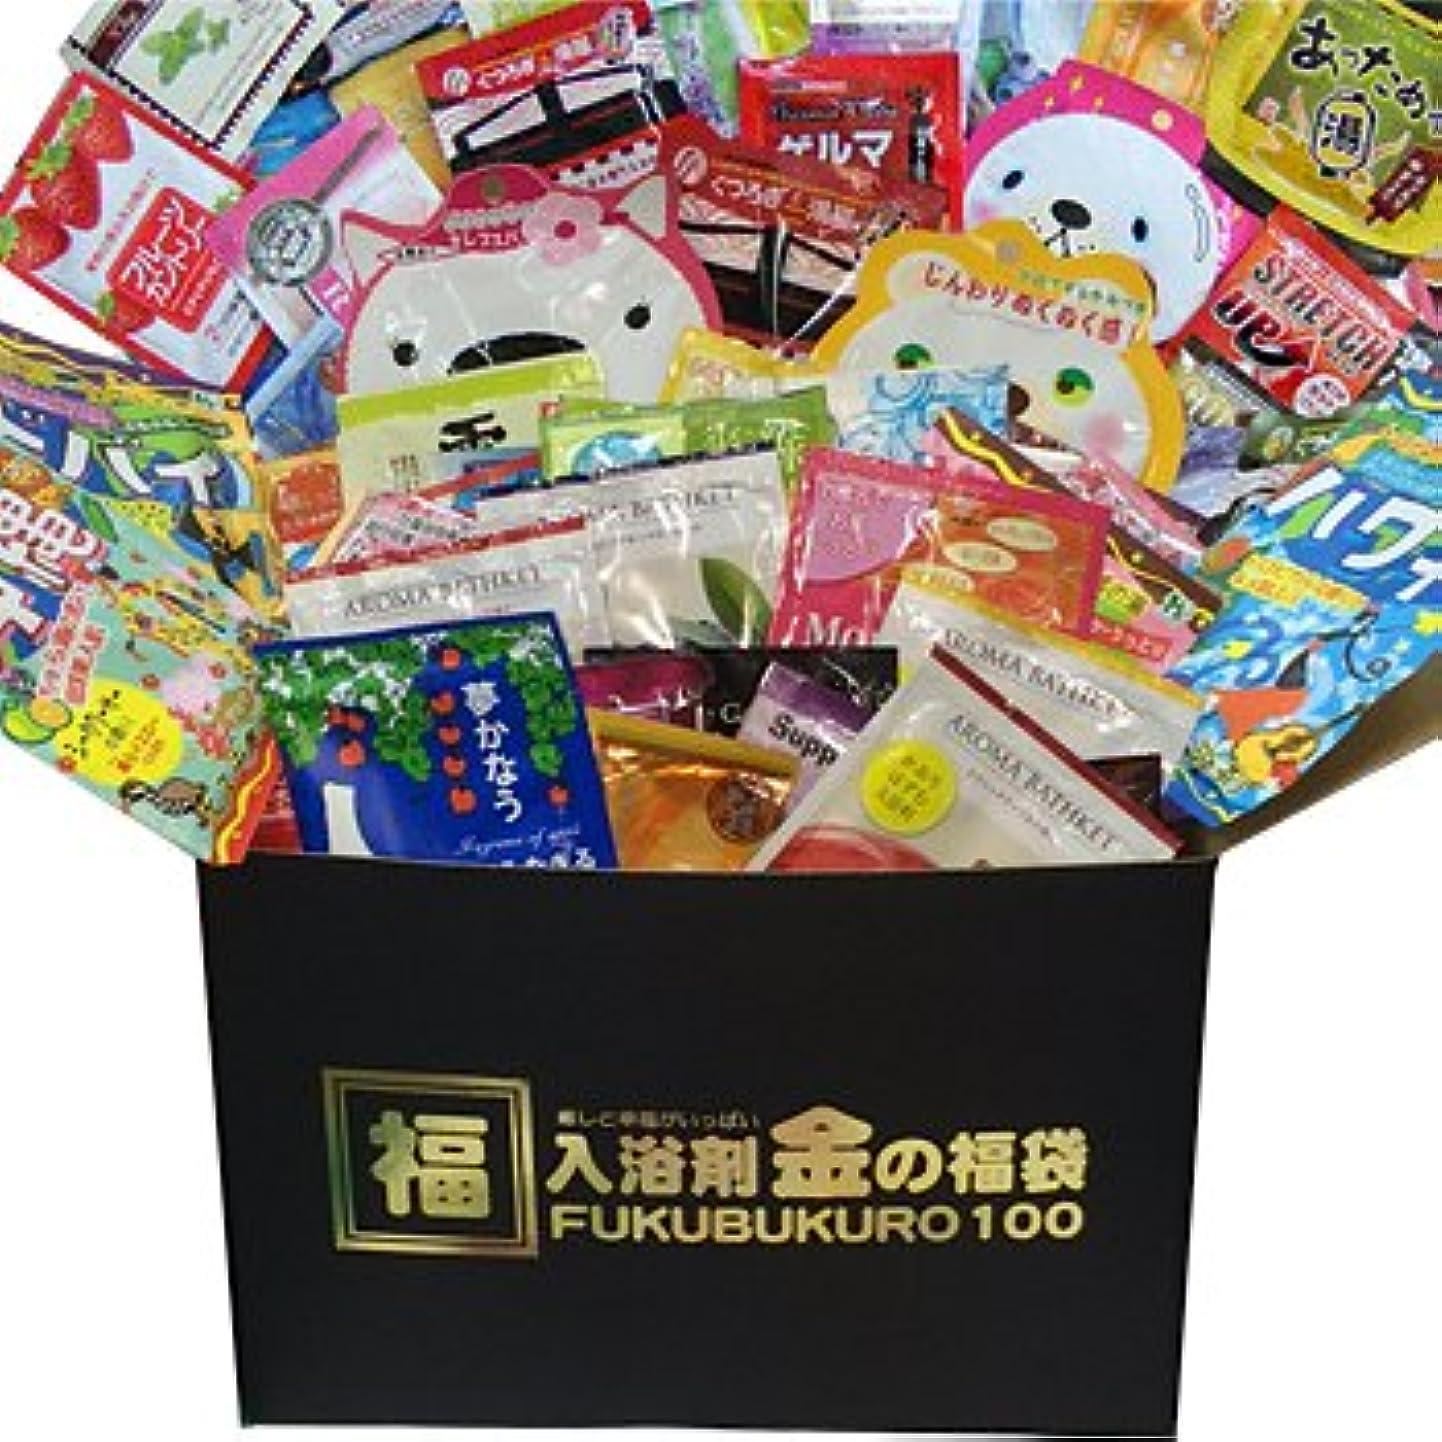 ただ女将自分金の! 【入浴剤 福袋】100個 安心の日本製!入浴剤福袋/入浴剤 福袋/ギフト